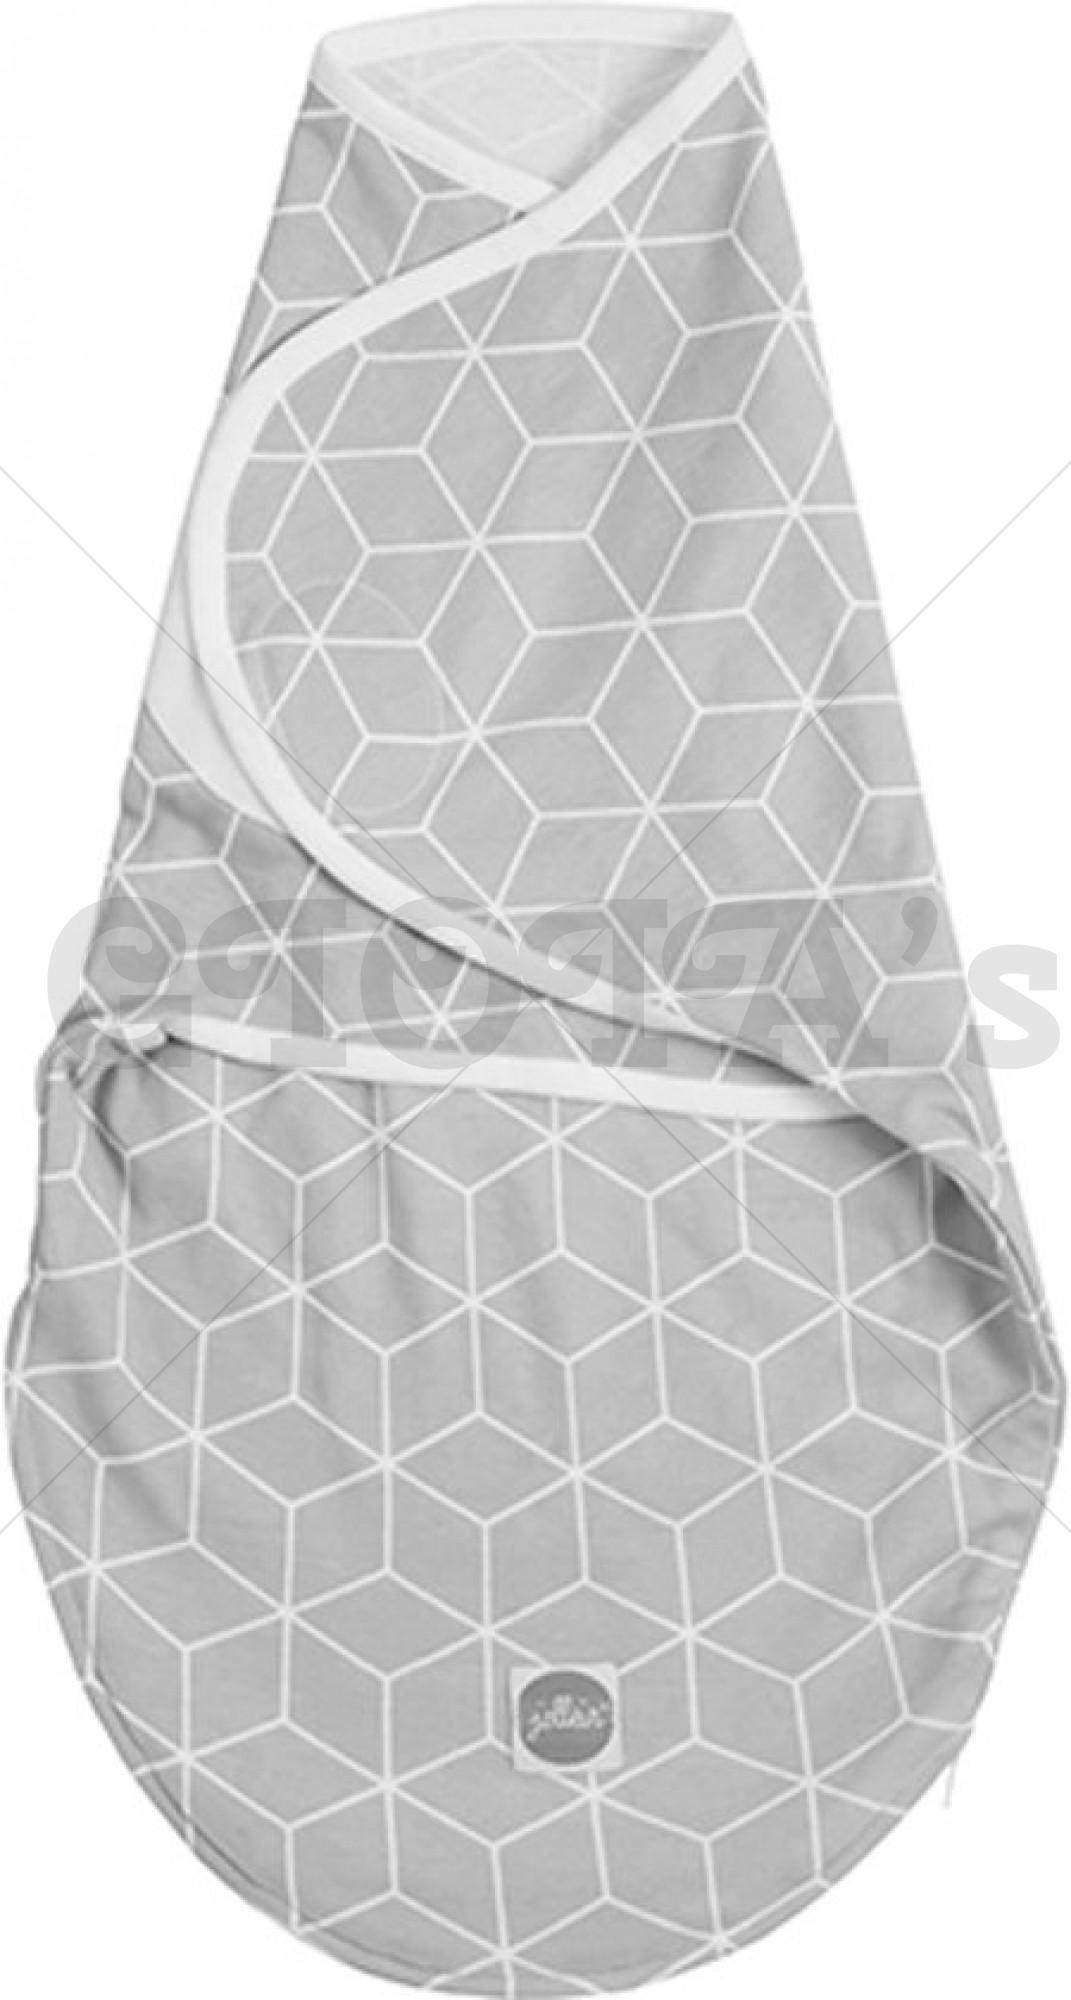 Jollein - Slaapzak wrapper 0-3 maanden Graphic grey